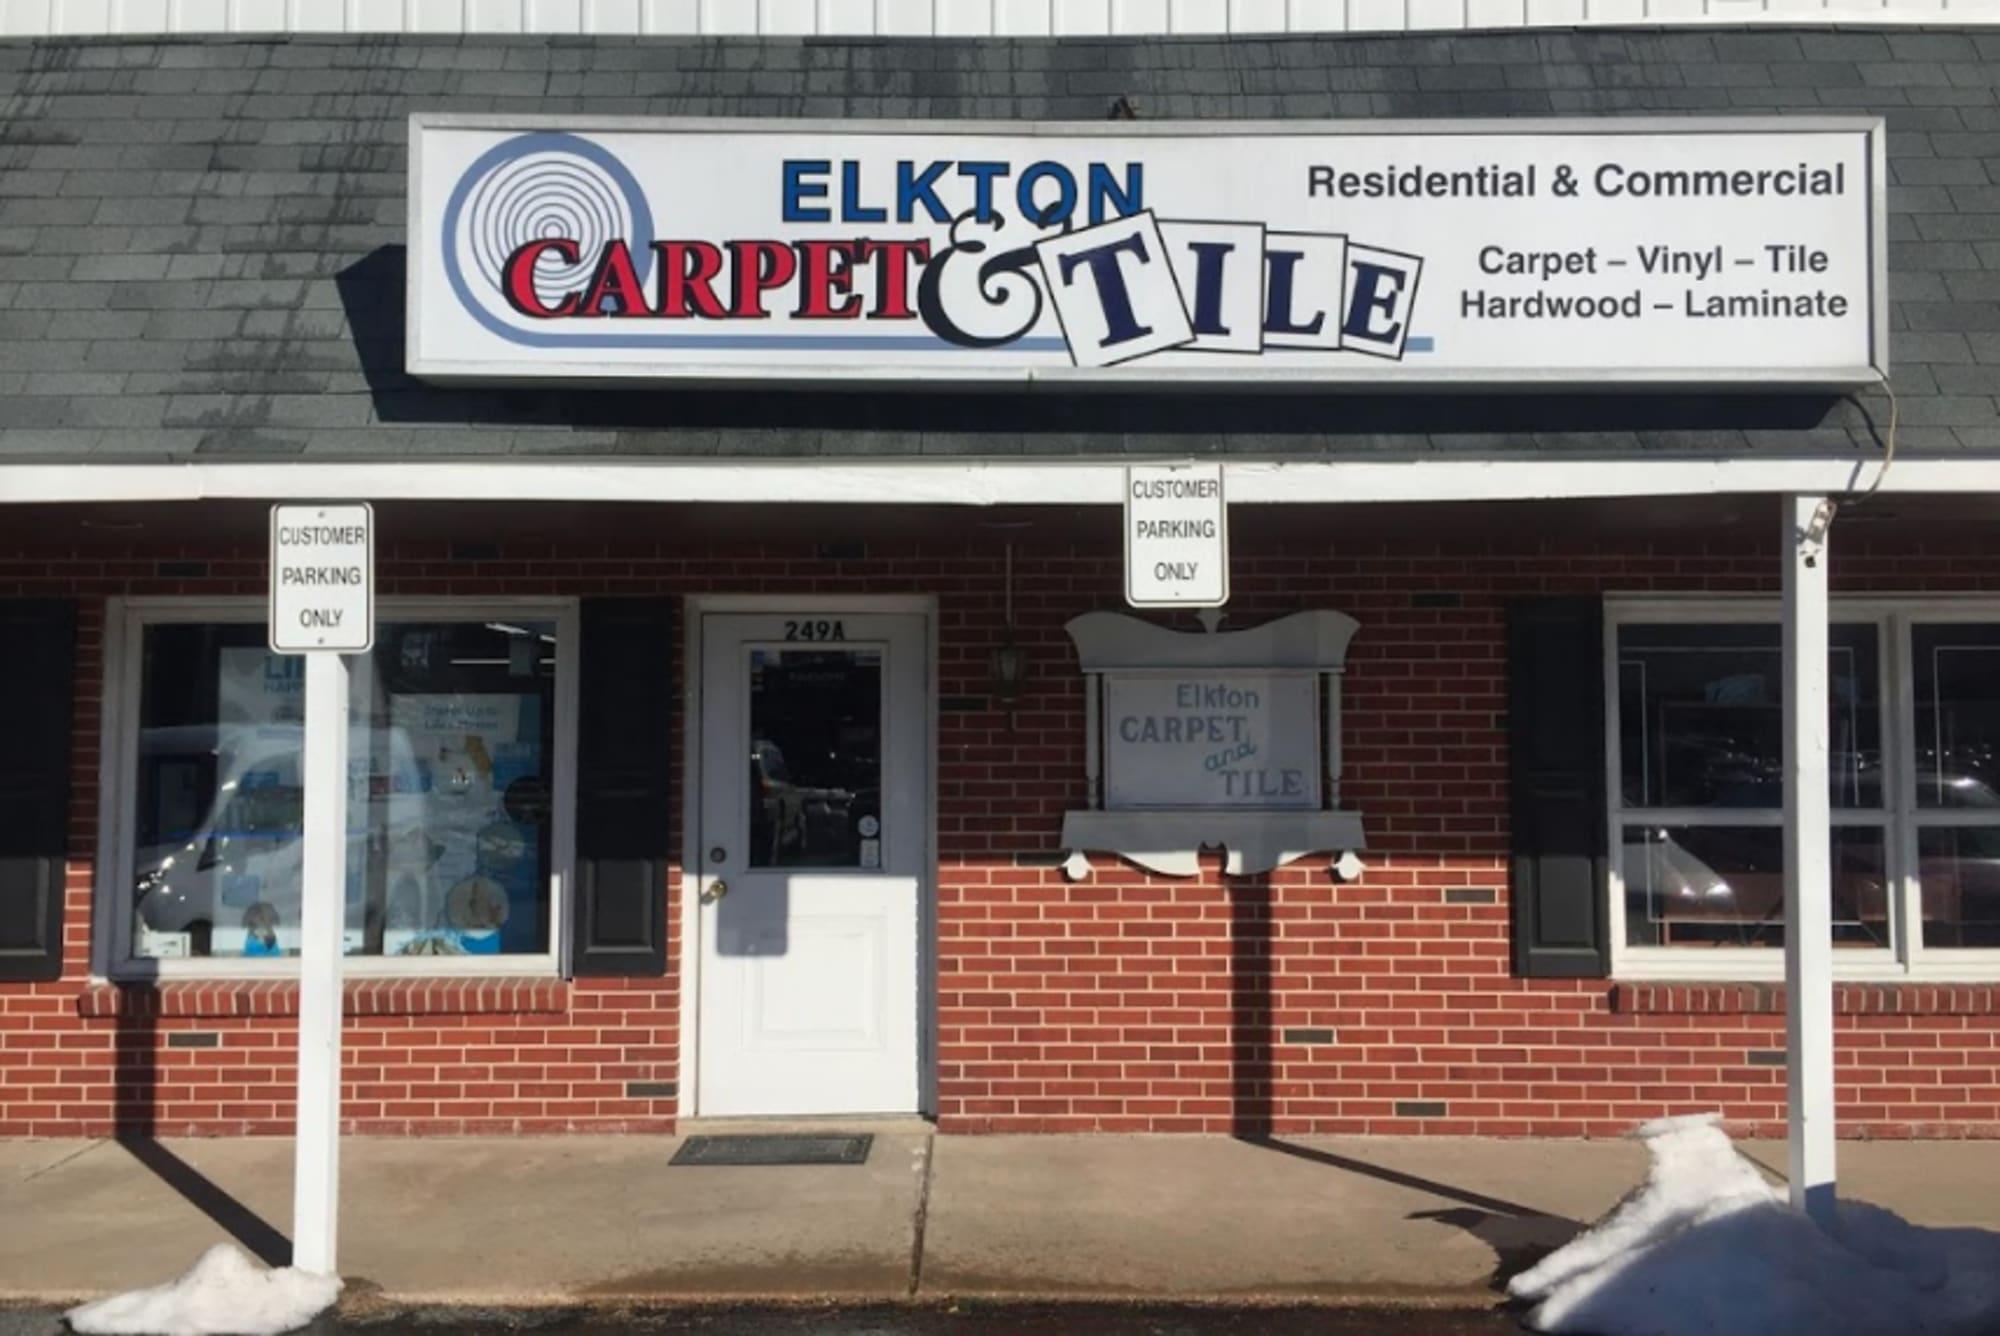 Elkton Carpet & Tile - 207 S Bridge St Elkton, MD 21921